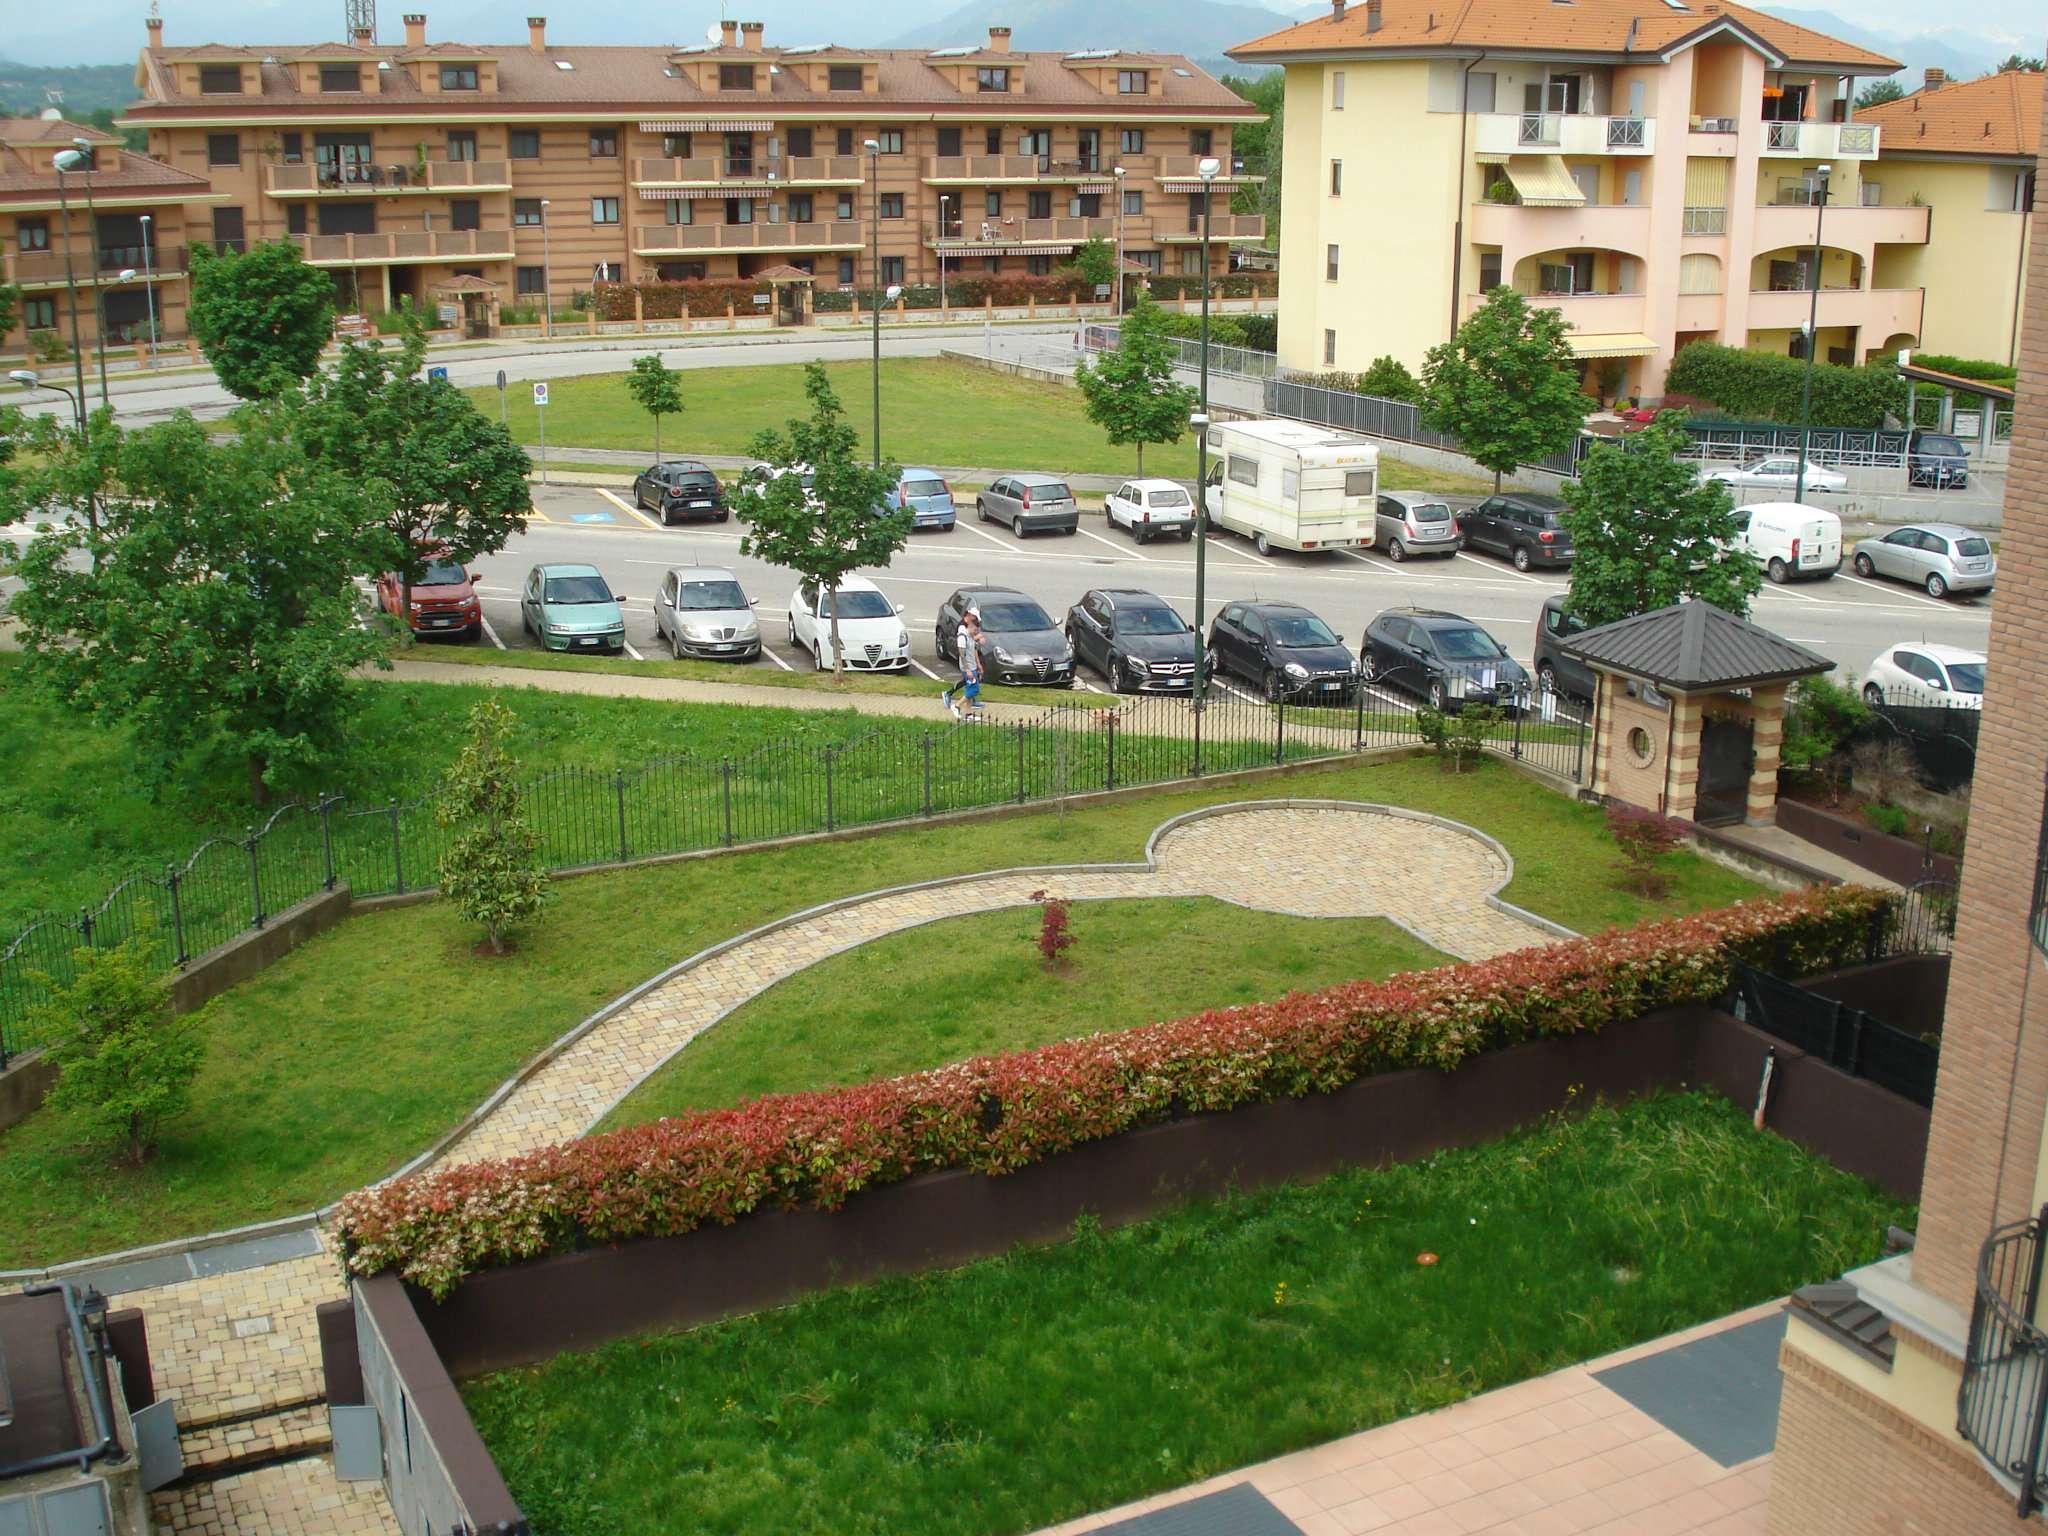 Appartamento in vendita a Rivalta di Torino, 2 locali, prezzo € 140.000 | CambioCasa.it